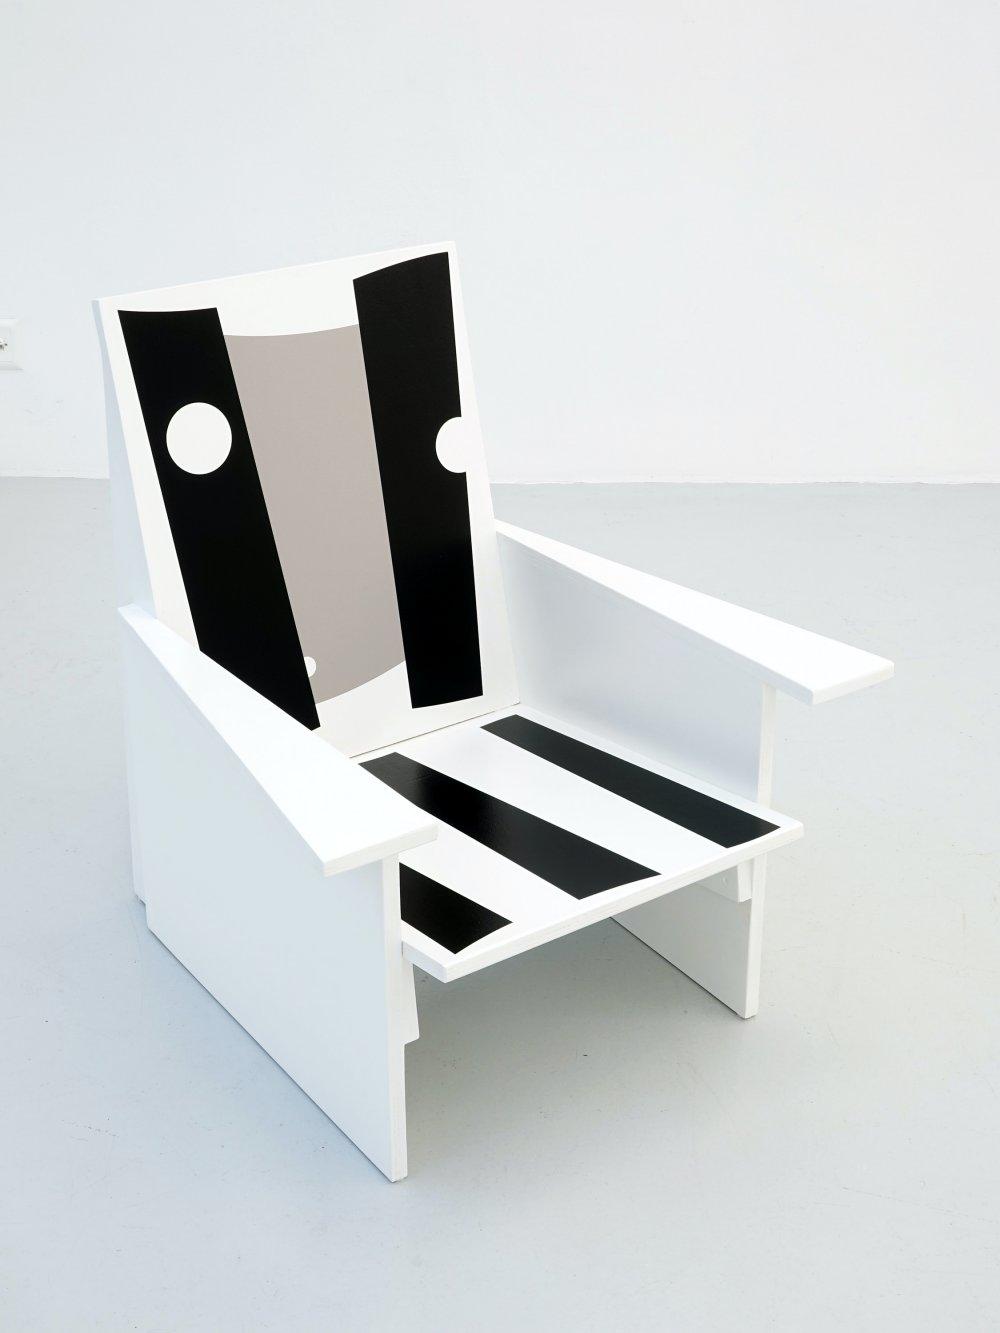 Armchair/Object